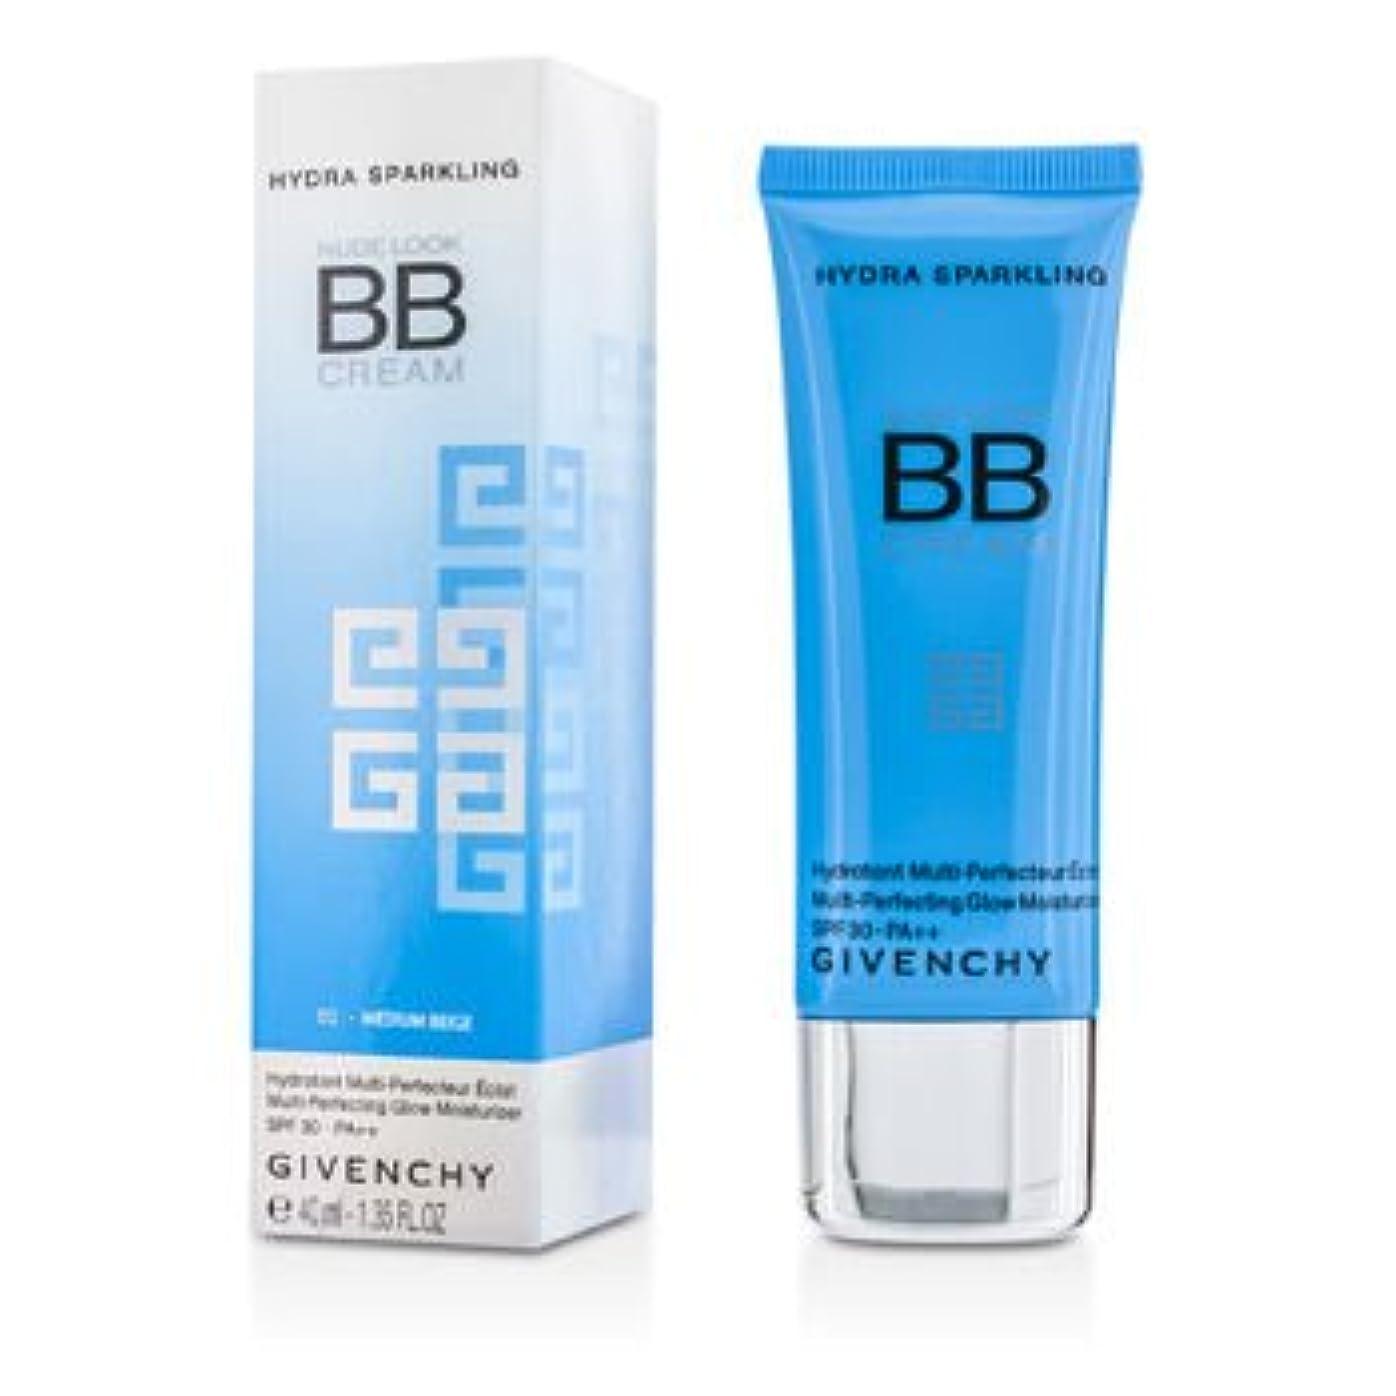 自分を引き上げる生物学労働[Givenchy] Nude Look BB Cream Multi-Perfecting Glow Moisturizer SPF 30 PA++ #02 Medium Beige 40ml/1.35oz